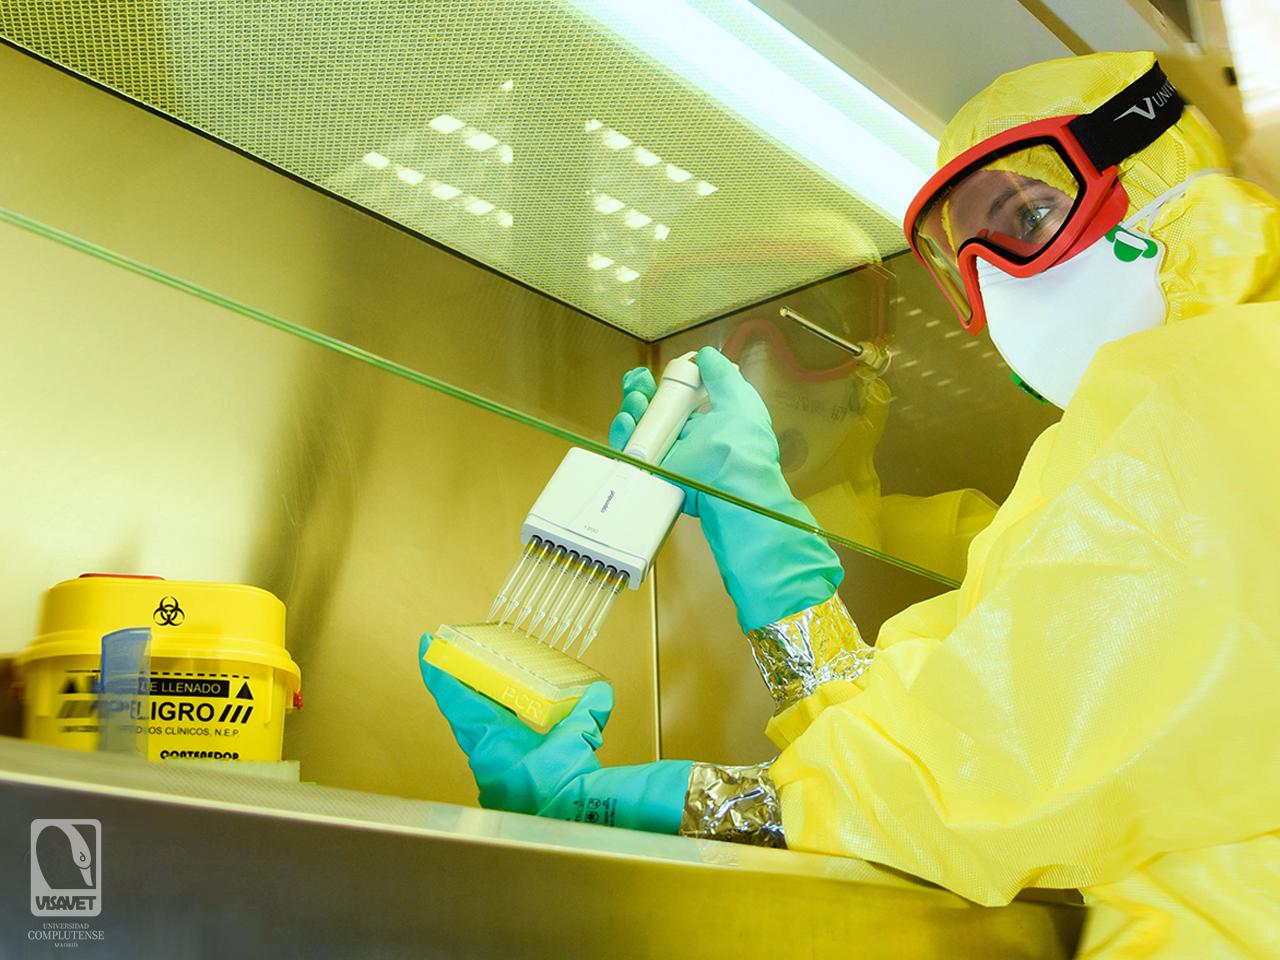 Bioseguridad y Prevención de Riesgos laborales en los Laboratorios de Microbiología (PRLM)